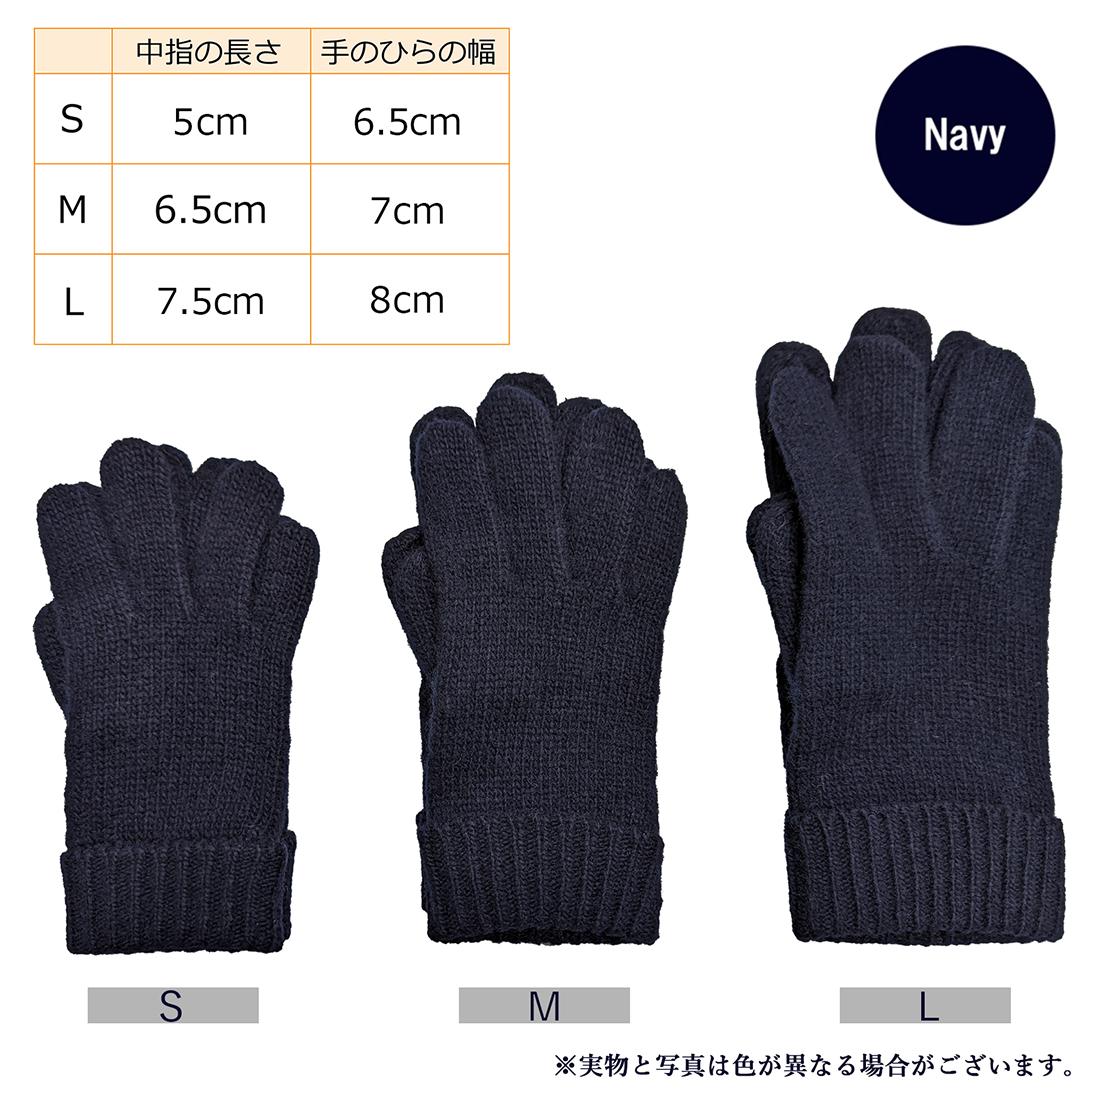 キッズ毛・ナイロン手袋 リボン付き・リボン無し 濃紺 M・Lサイズ 女の子用  通園 通学用 完全日本製